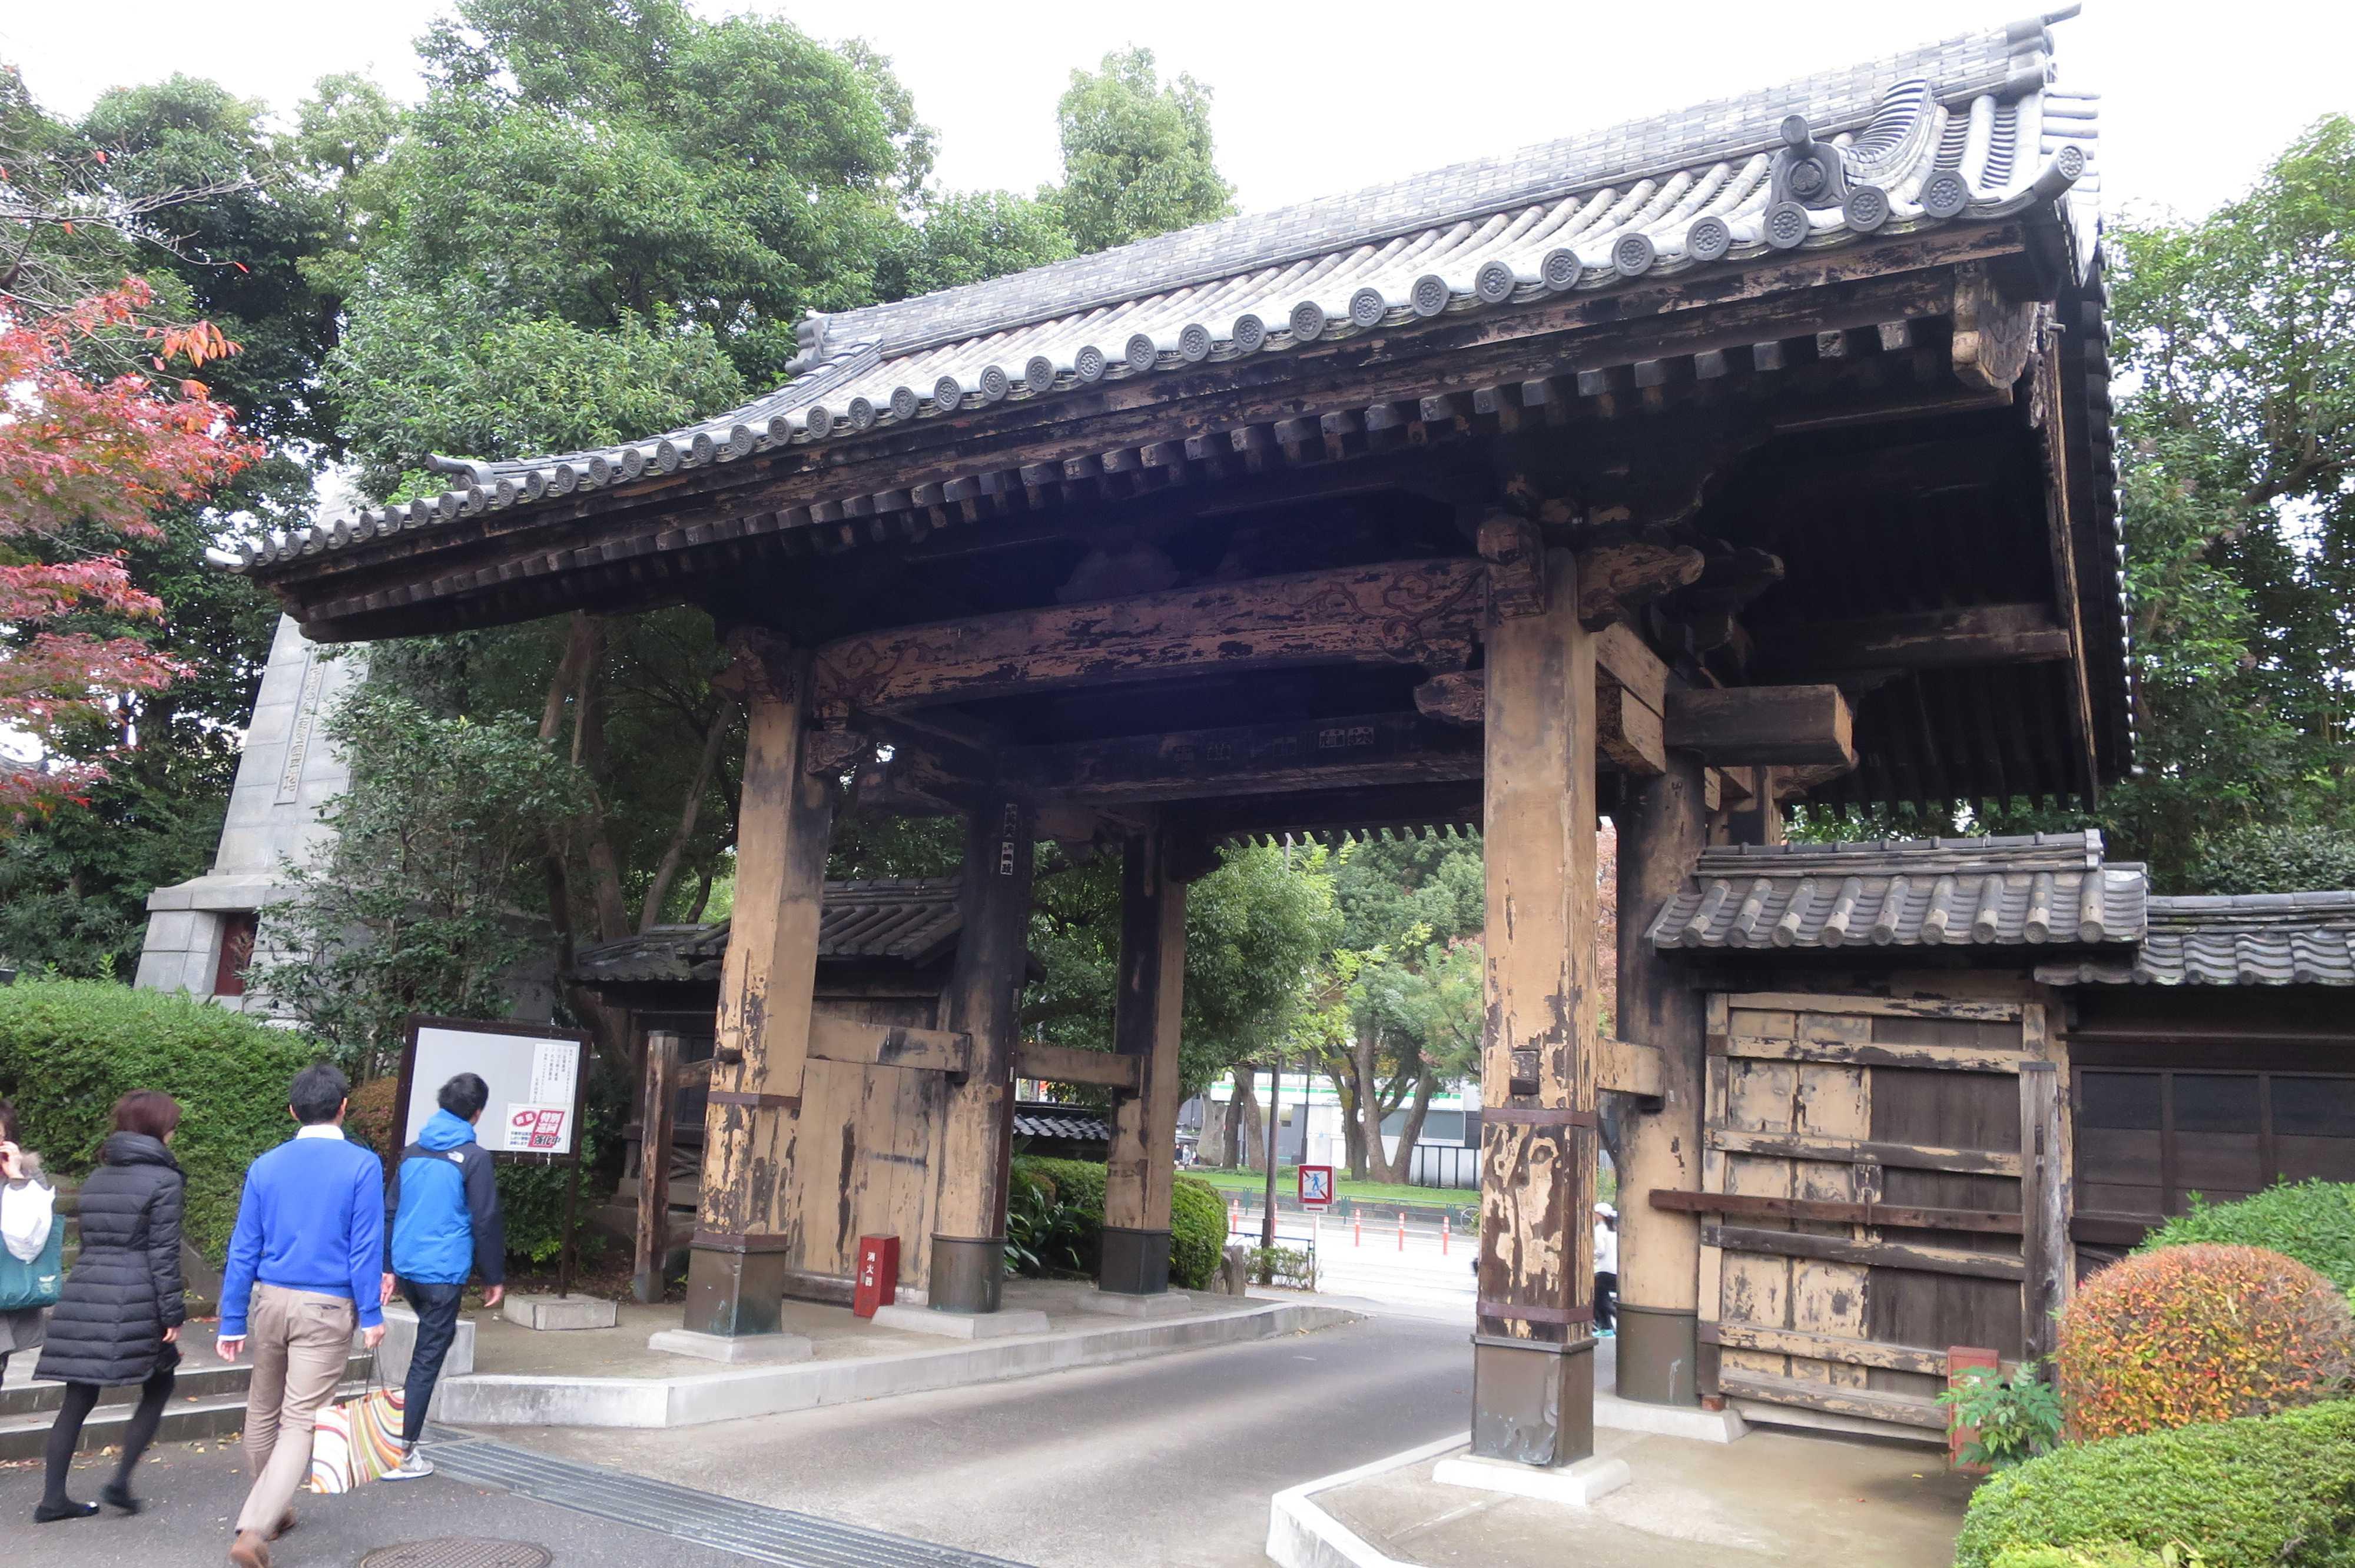 増上寺 黒門(旧方丈門)